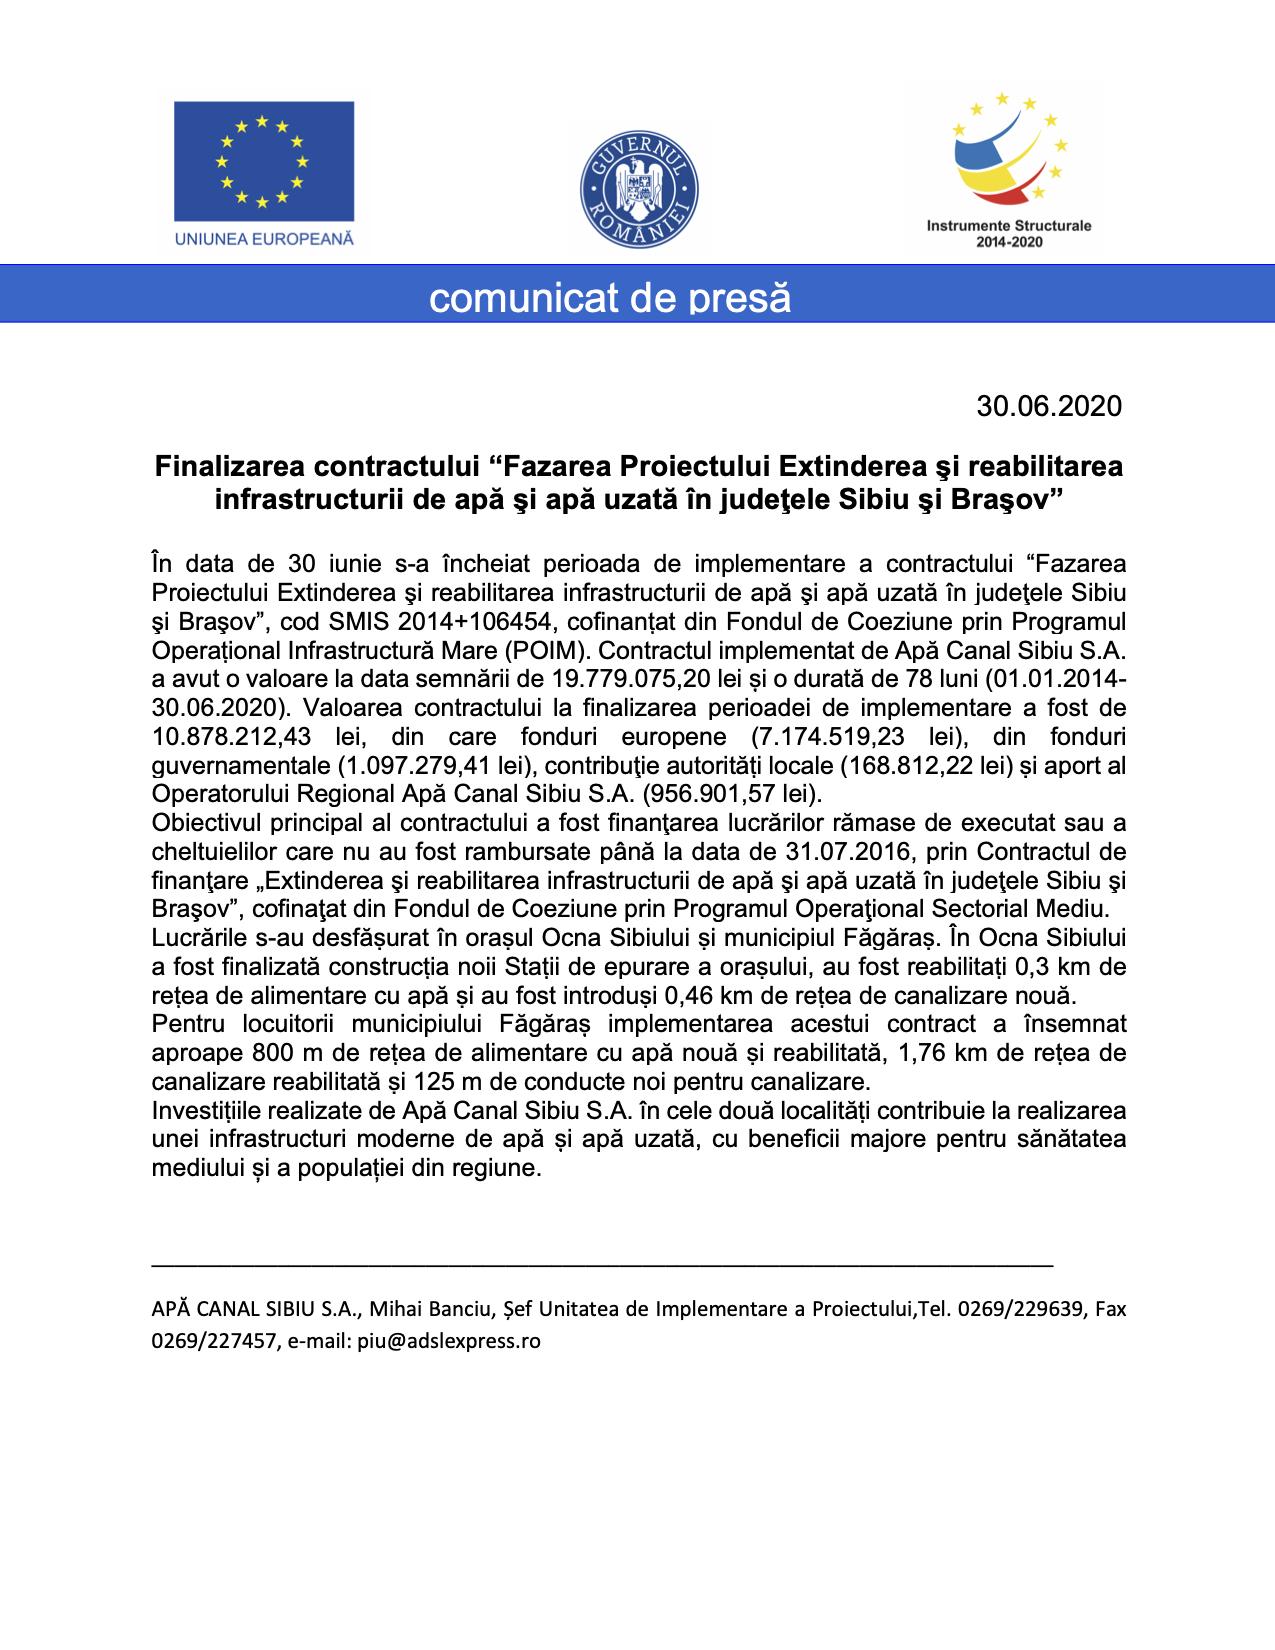 """Finalizarea contractului """"Fazarea Proiectului Extinderea şi reabilitarea infrastructurii de apă şi apă uzată în judeţele Sibiu şi Braşov"""""""